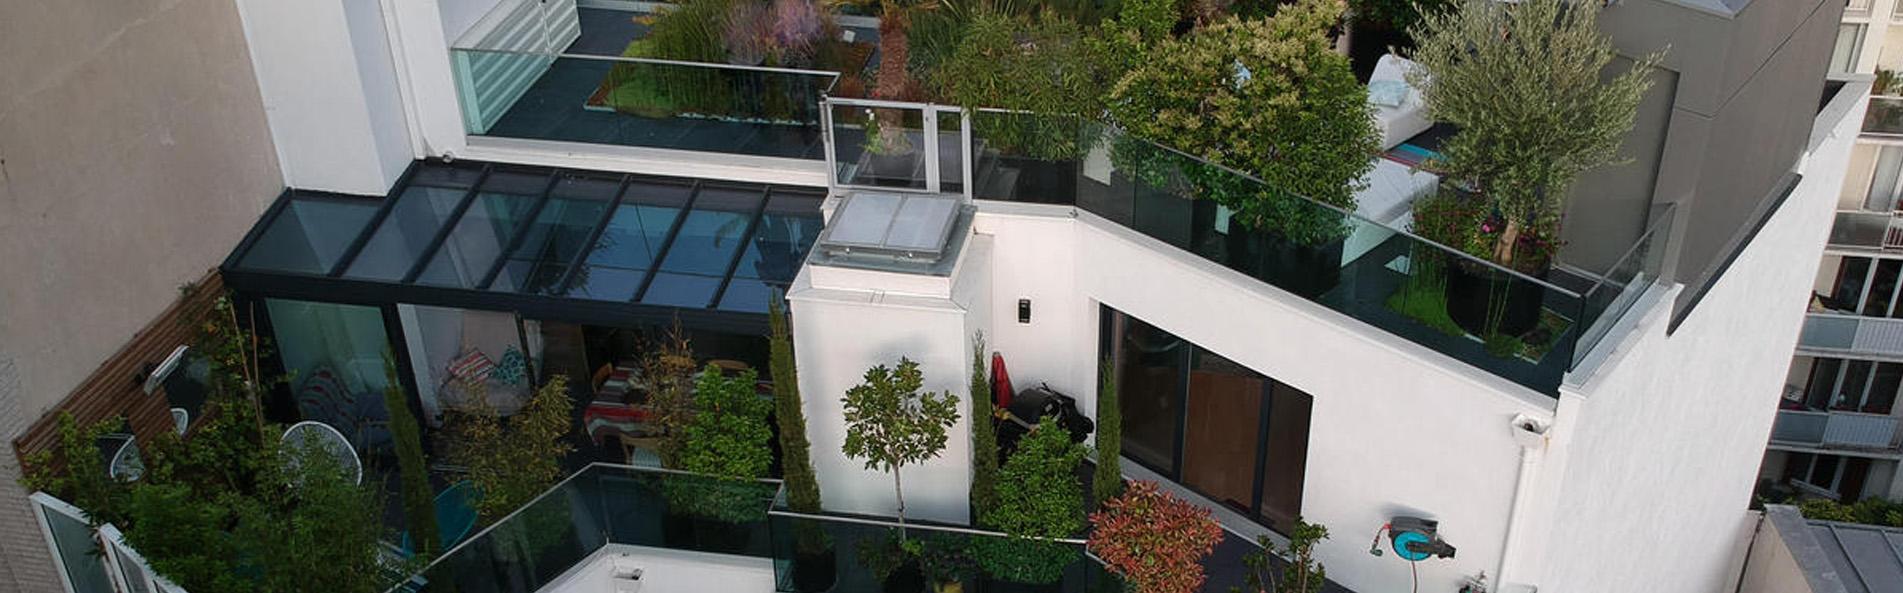 veranda paris votre entreprise de veranda au coeur de paris. Black Bedroom Furniture Sets. Home Design Ideas